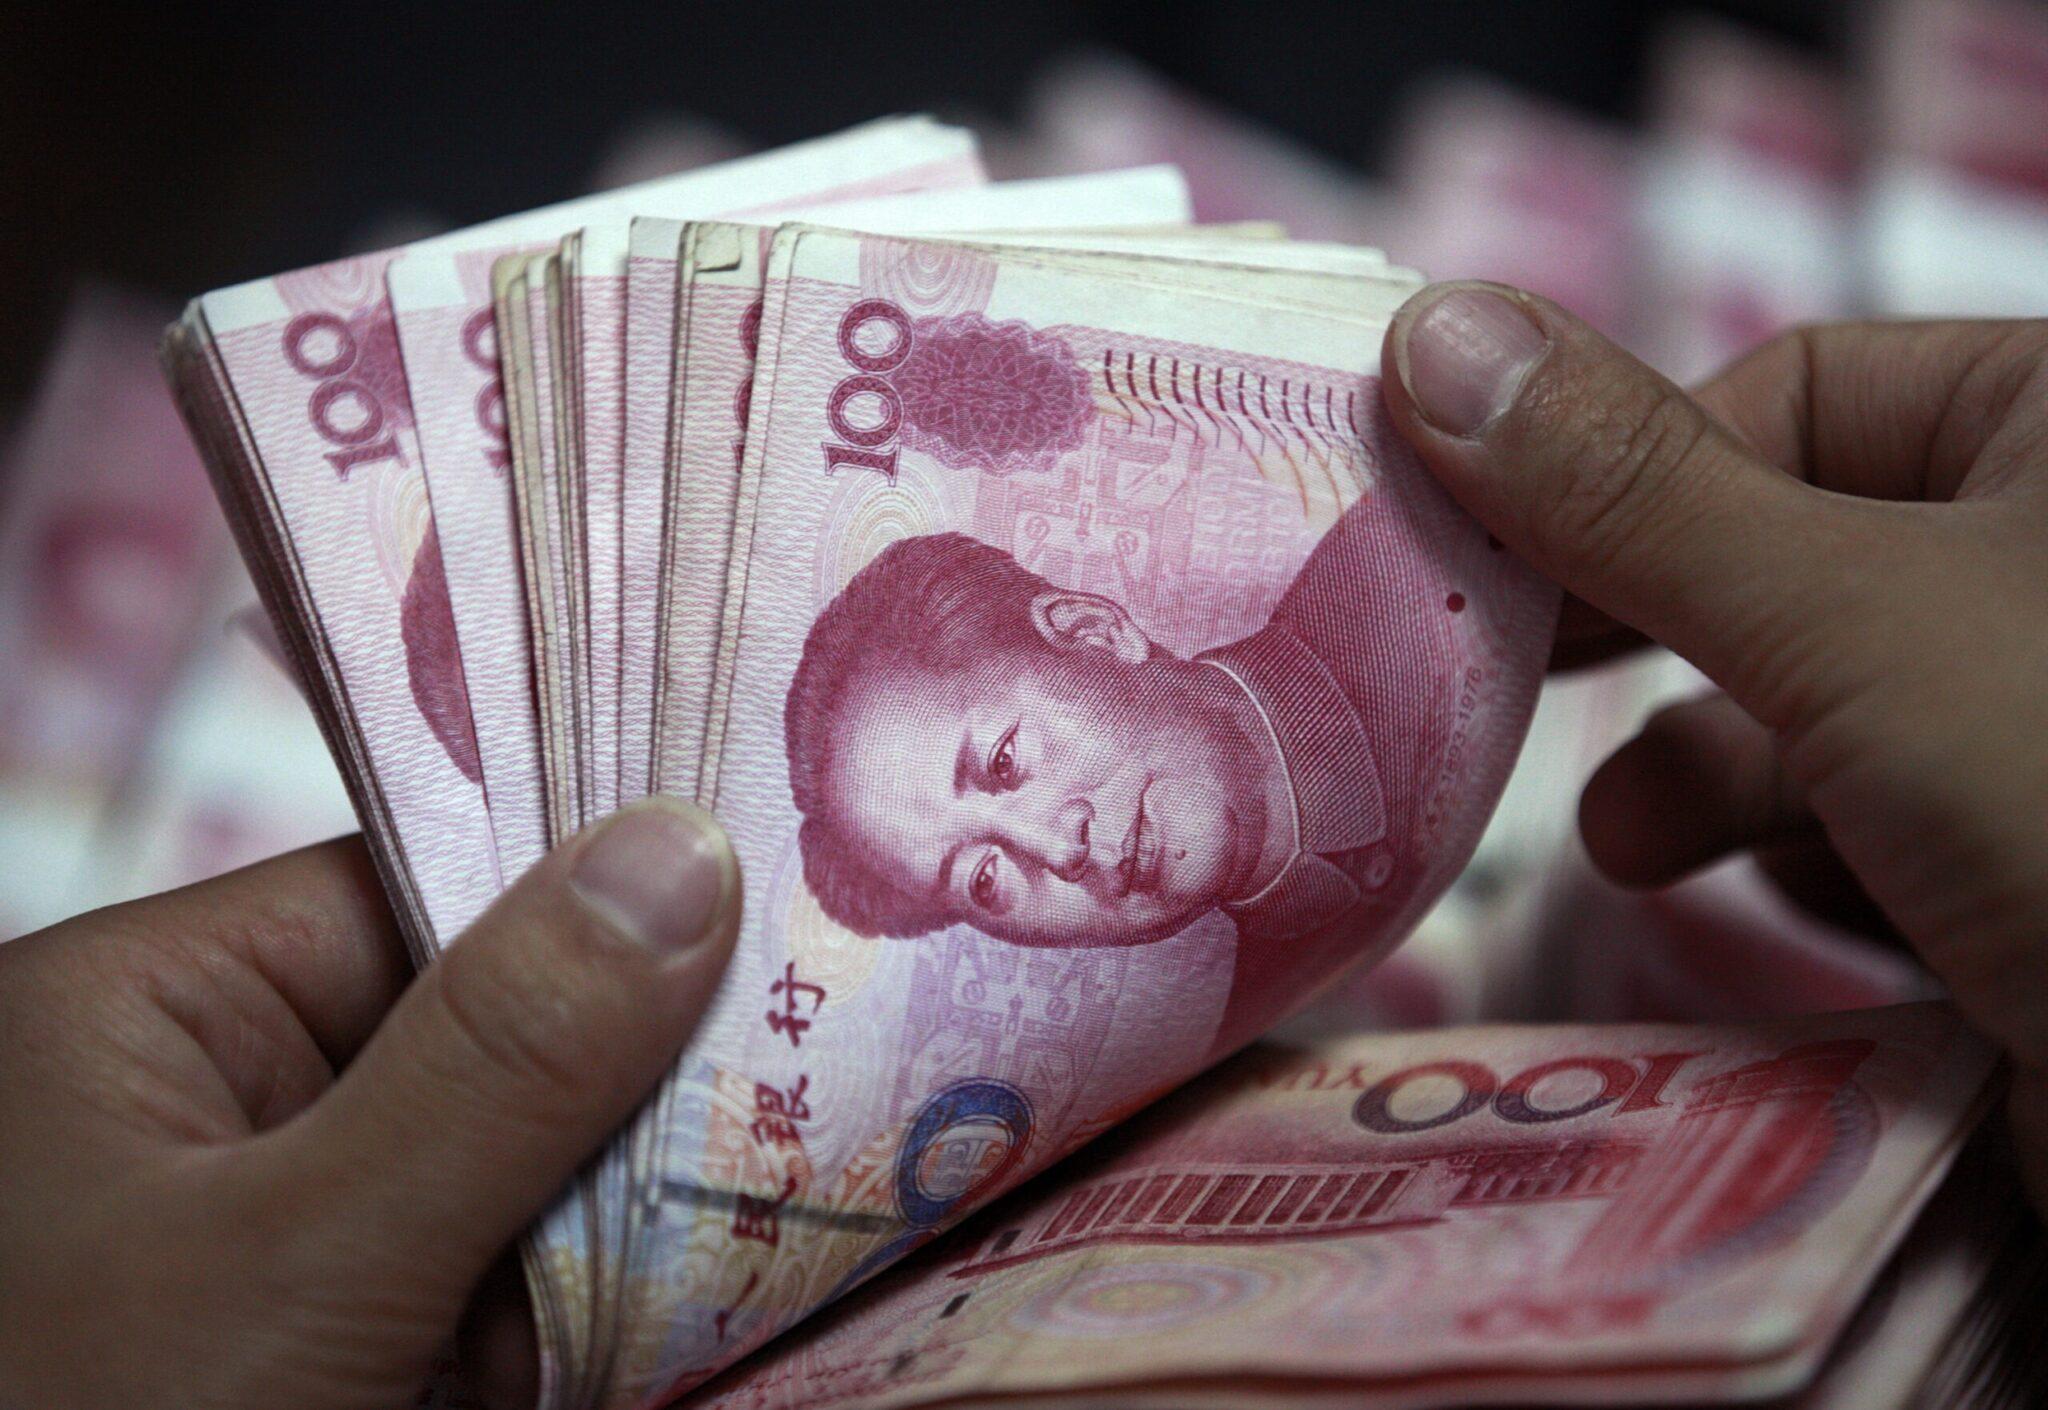 La internacionalización del yuan digital hará que el gigante asiático gane una posición sólida como líder tecnológico mundial